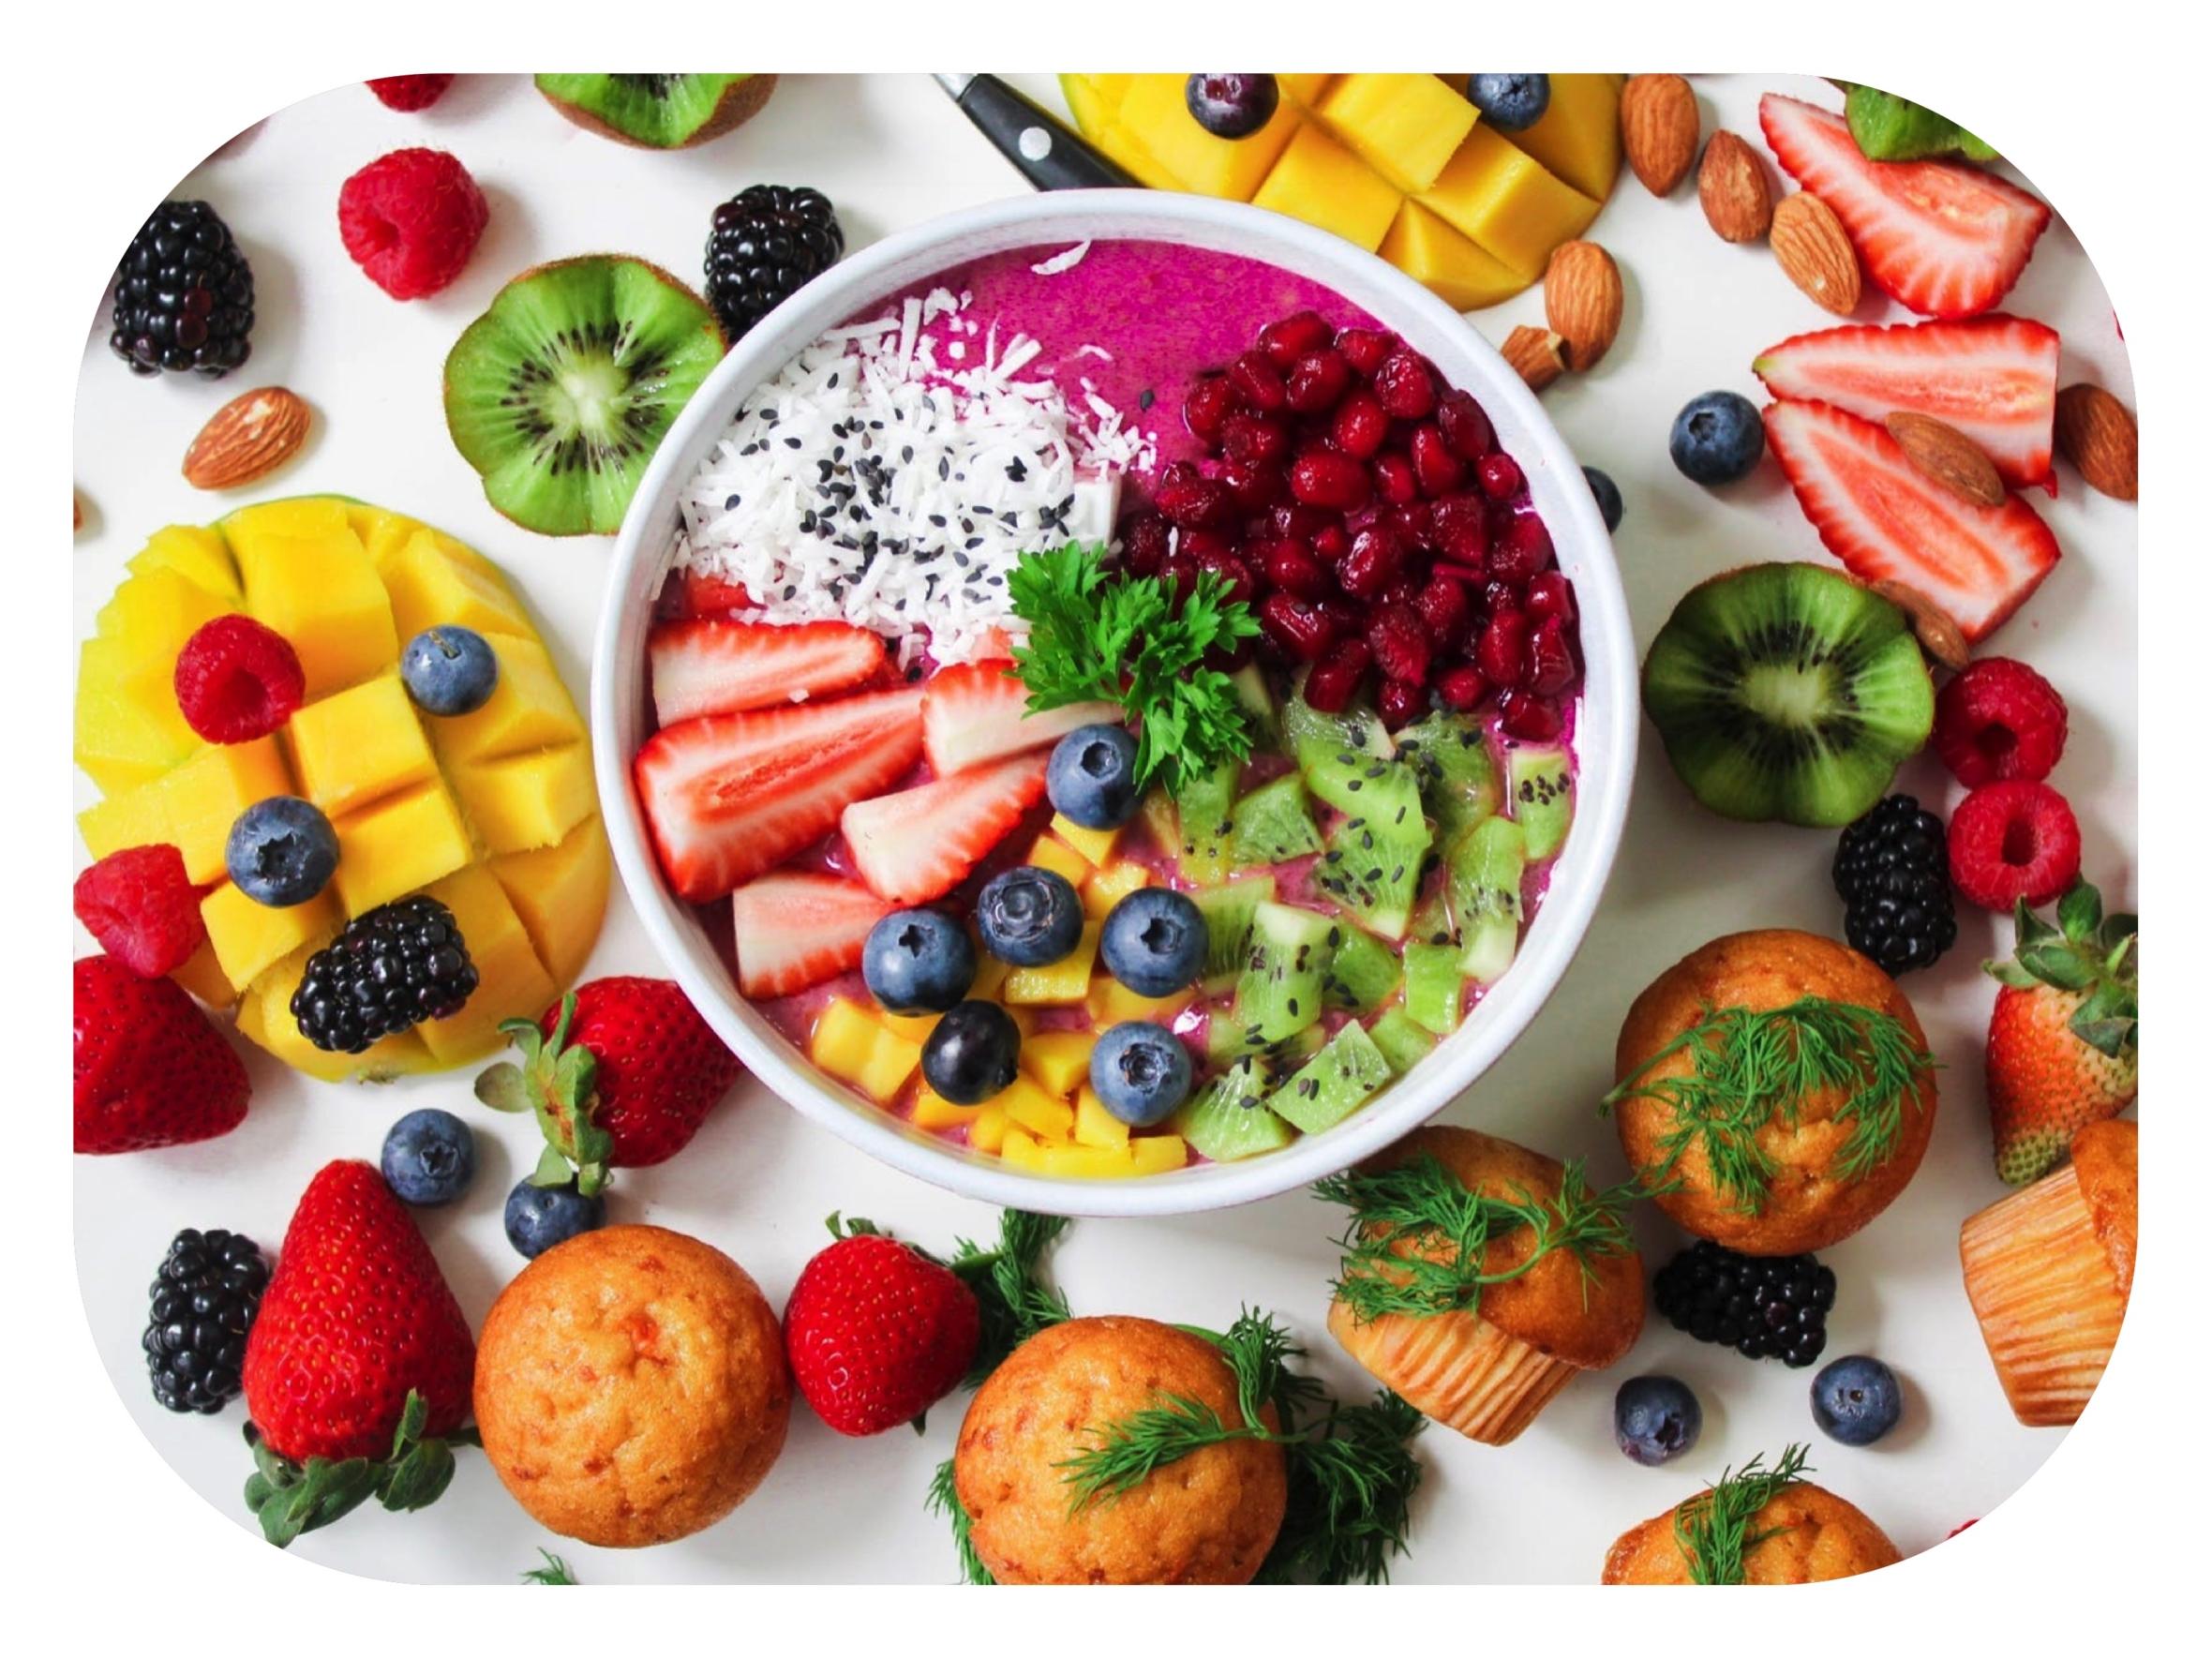 L'alimentation est un des piliers d'une vie saine et heureuse. Ayant un véritable impact sur le corps, le bien-être mais également l'esprit, voici les 7 règles à connaitre pour une alimentation Healthy.